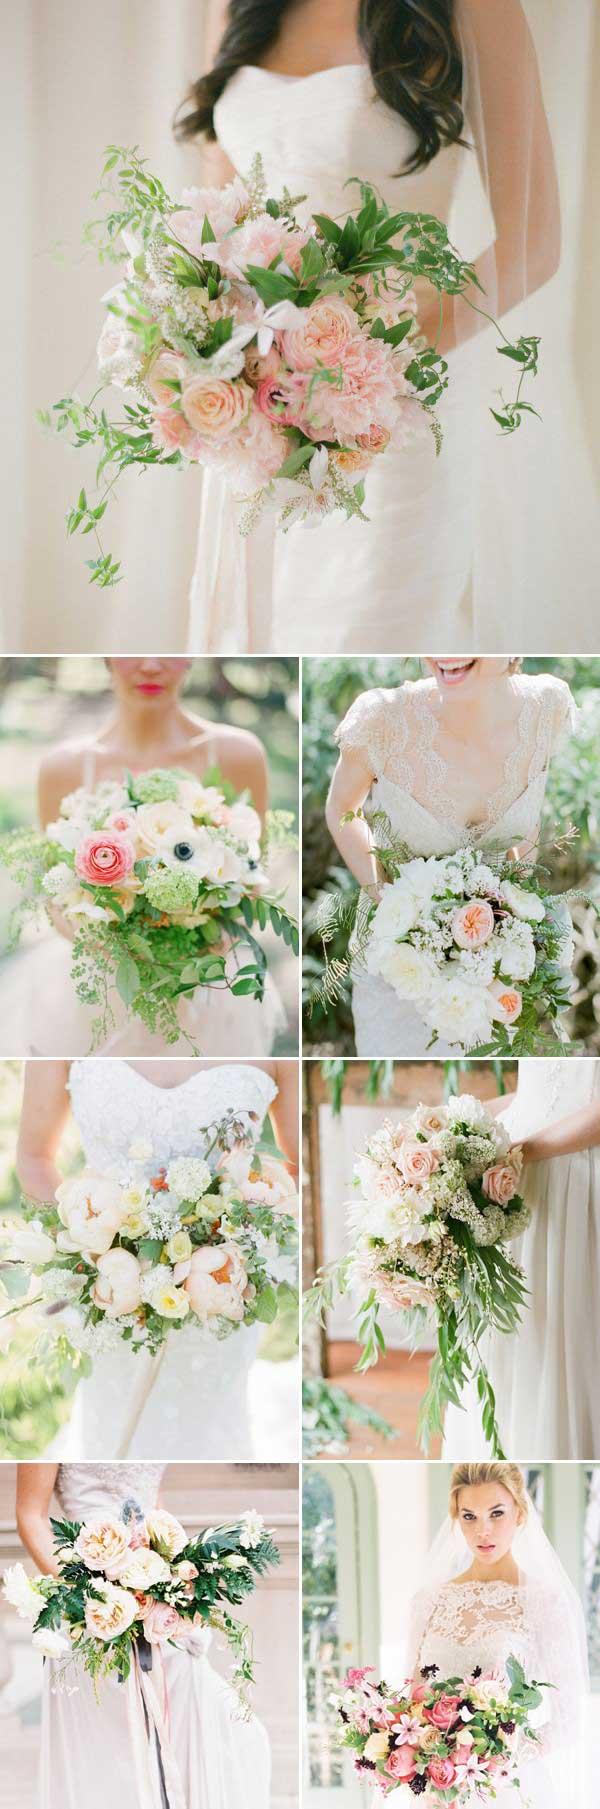 不拘束的浪漫 17款艺术派新娘手捧花